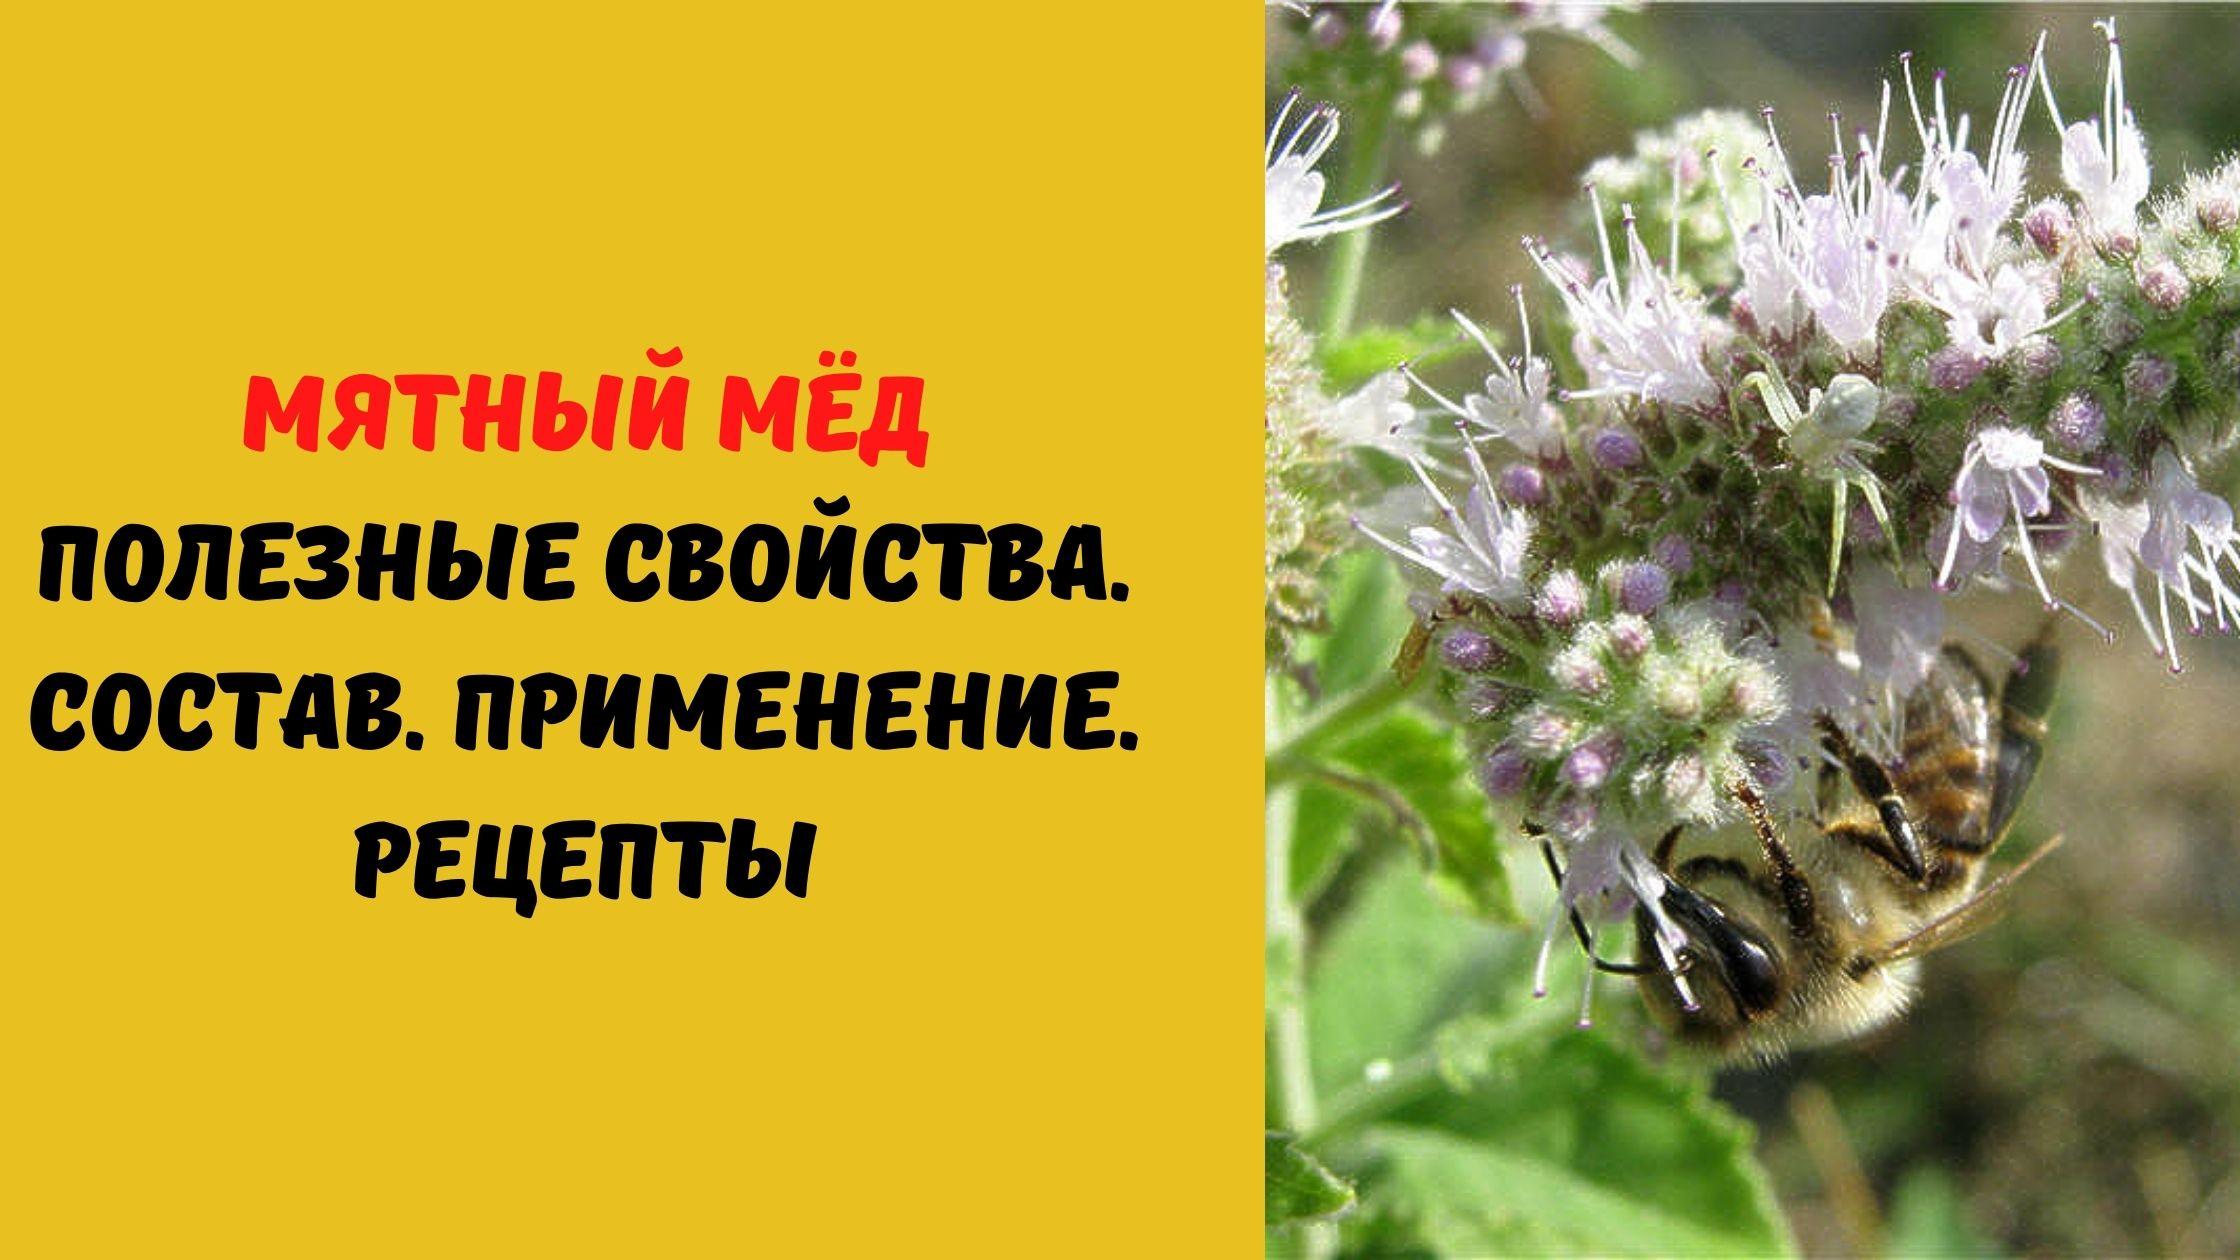 мятный мёд